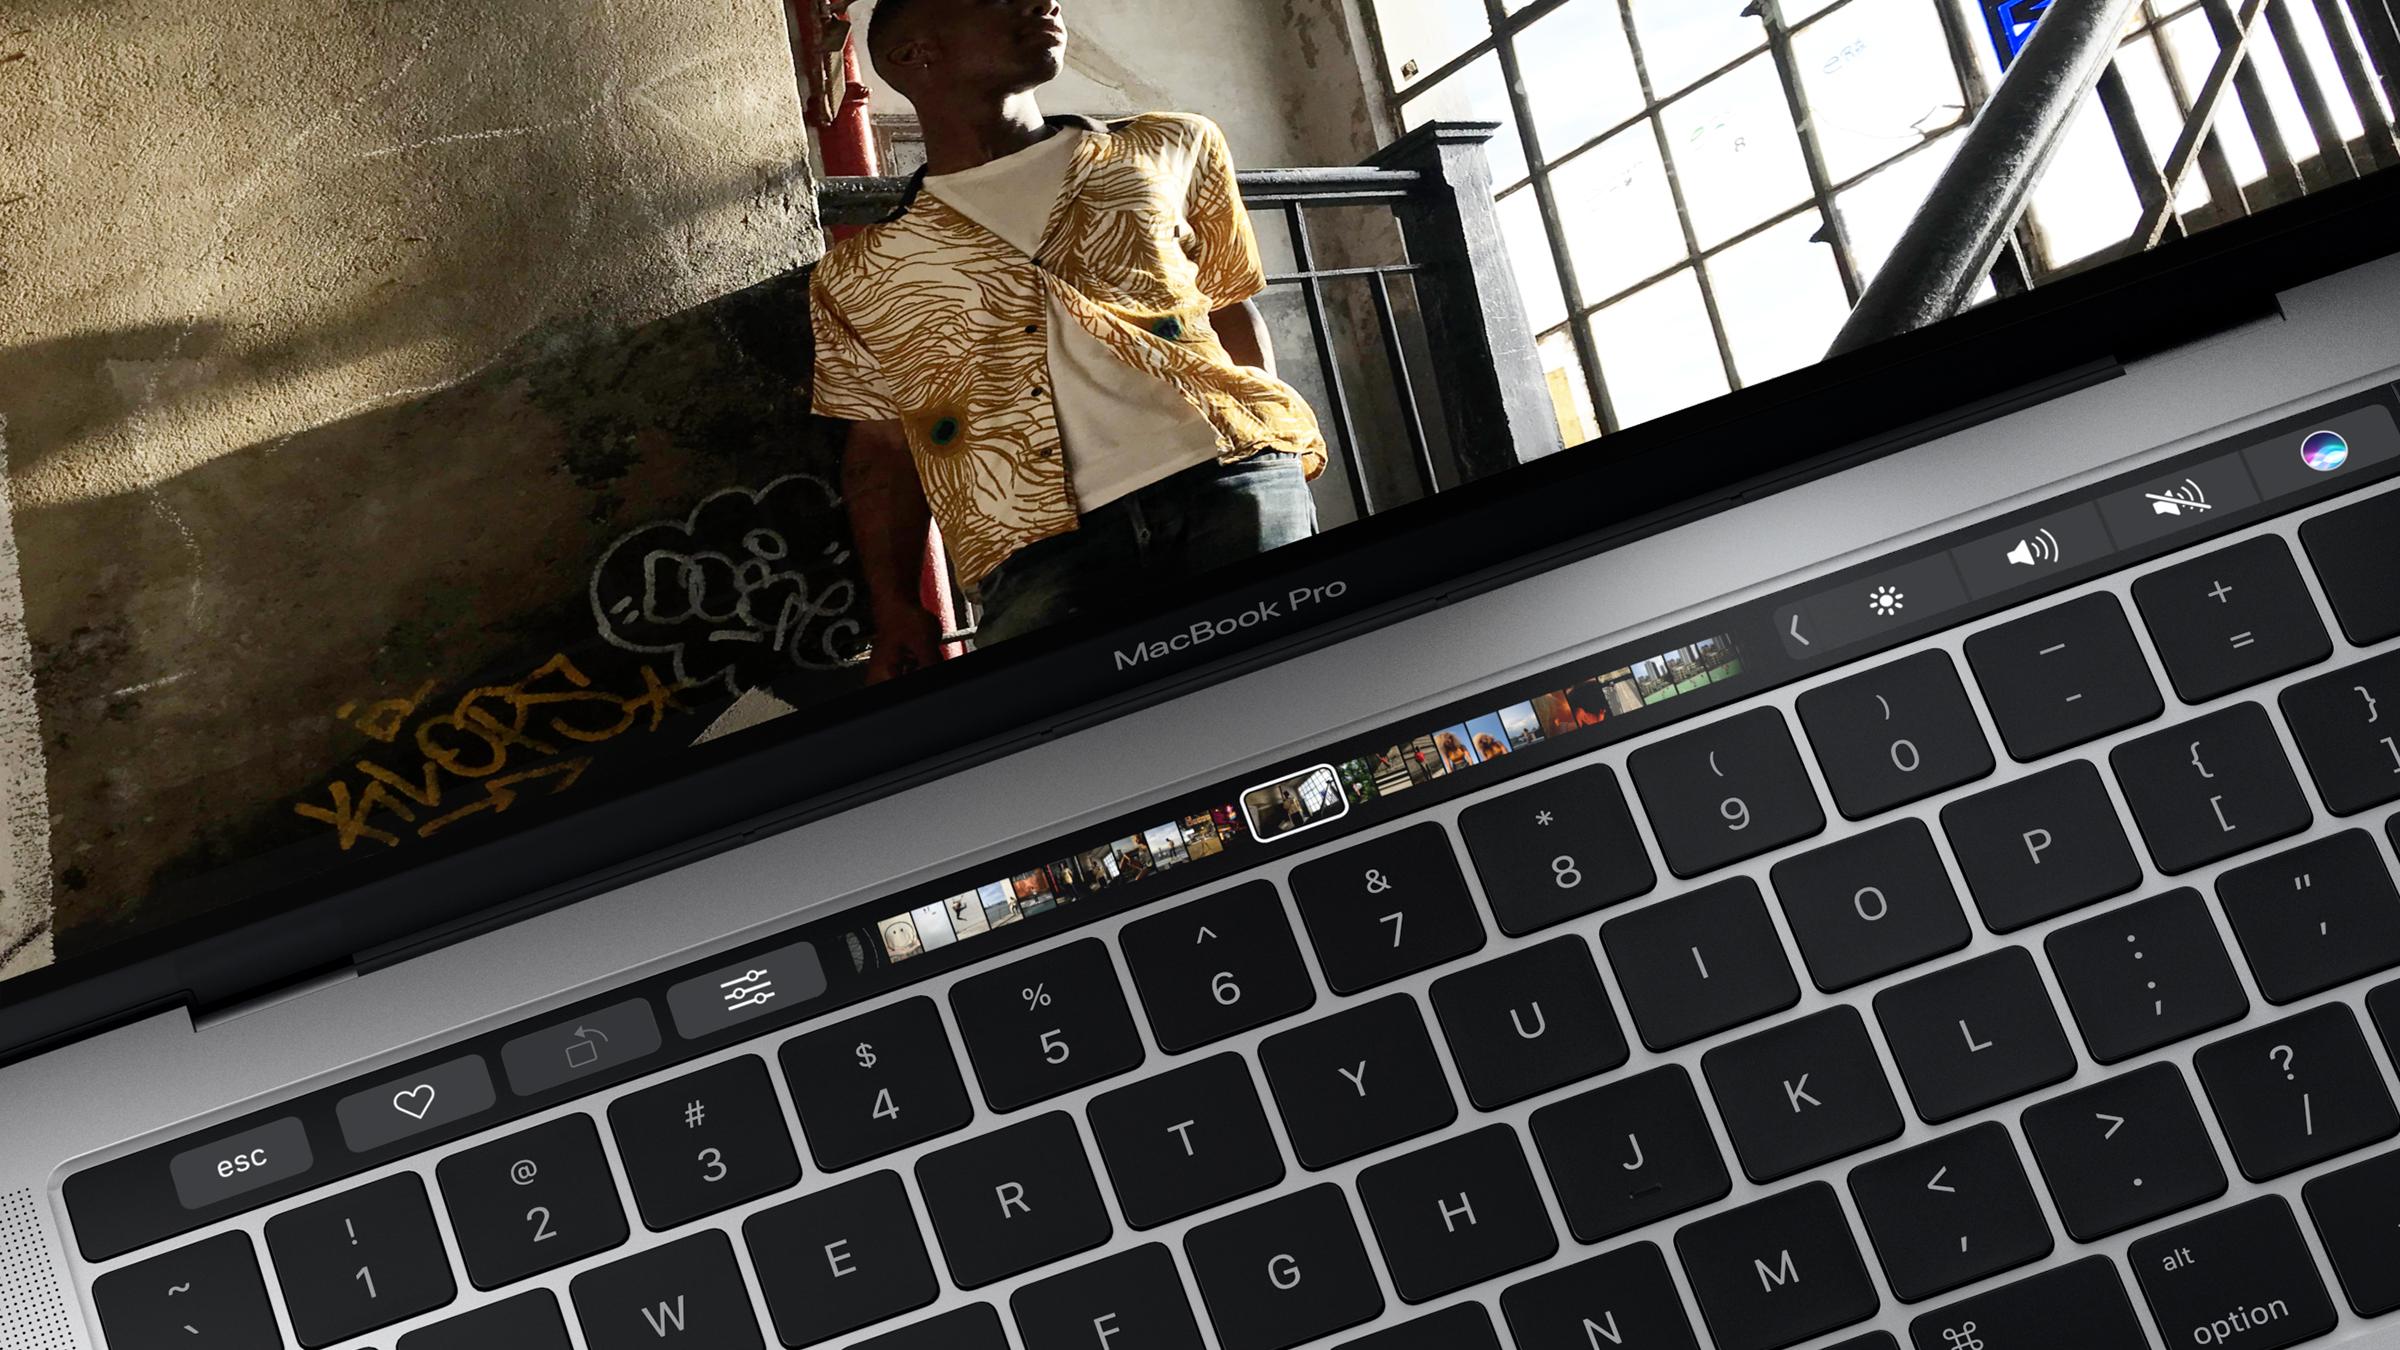 macbook-pro-touchbar-uitgelicht-16x9